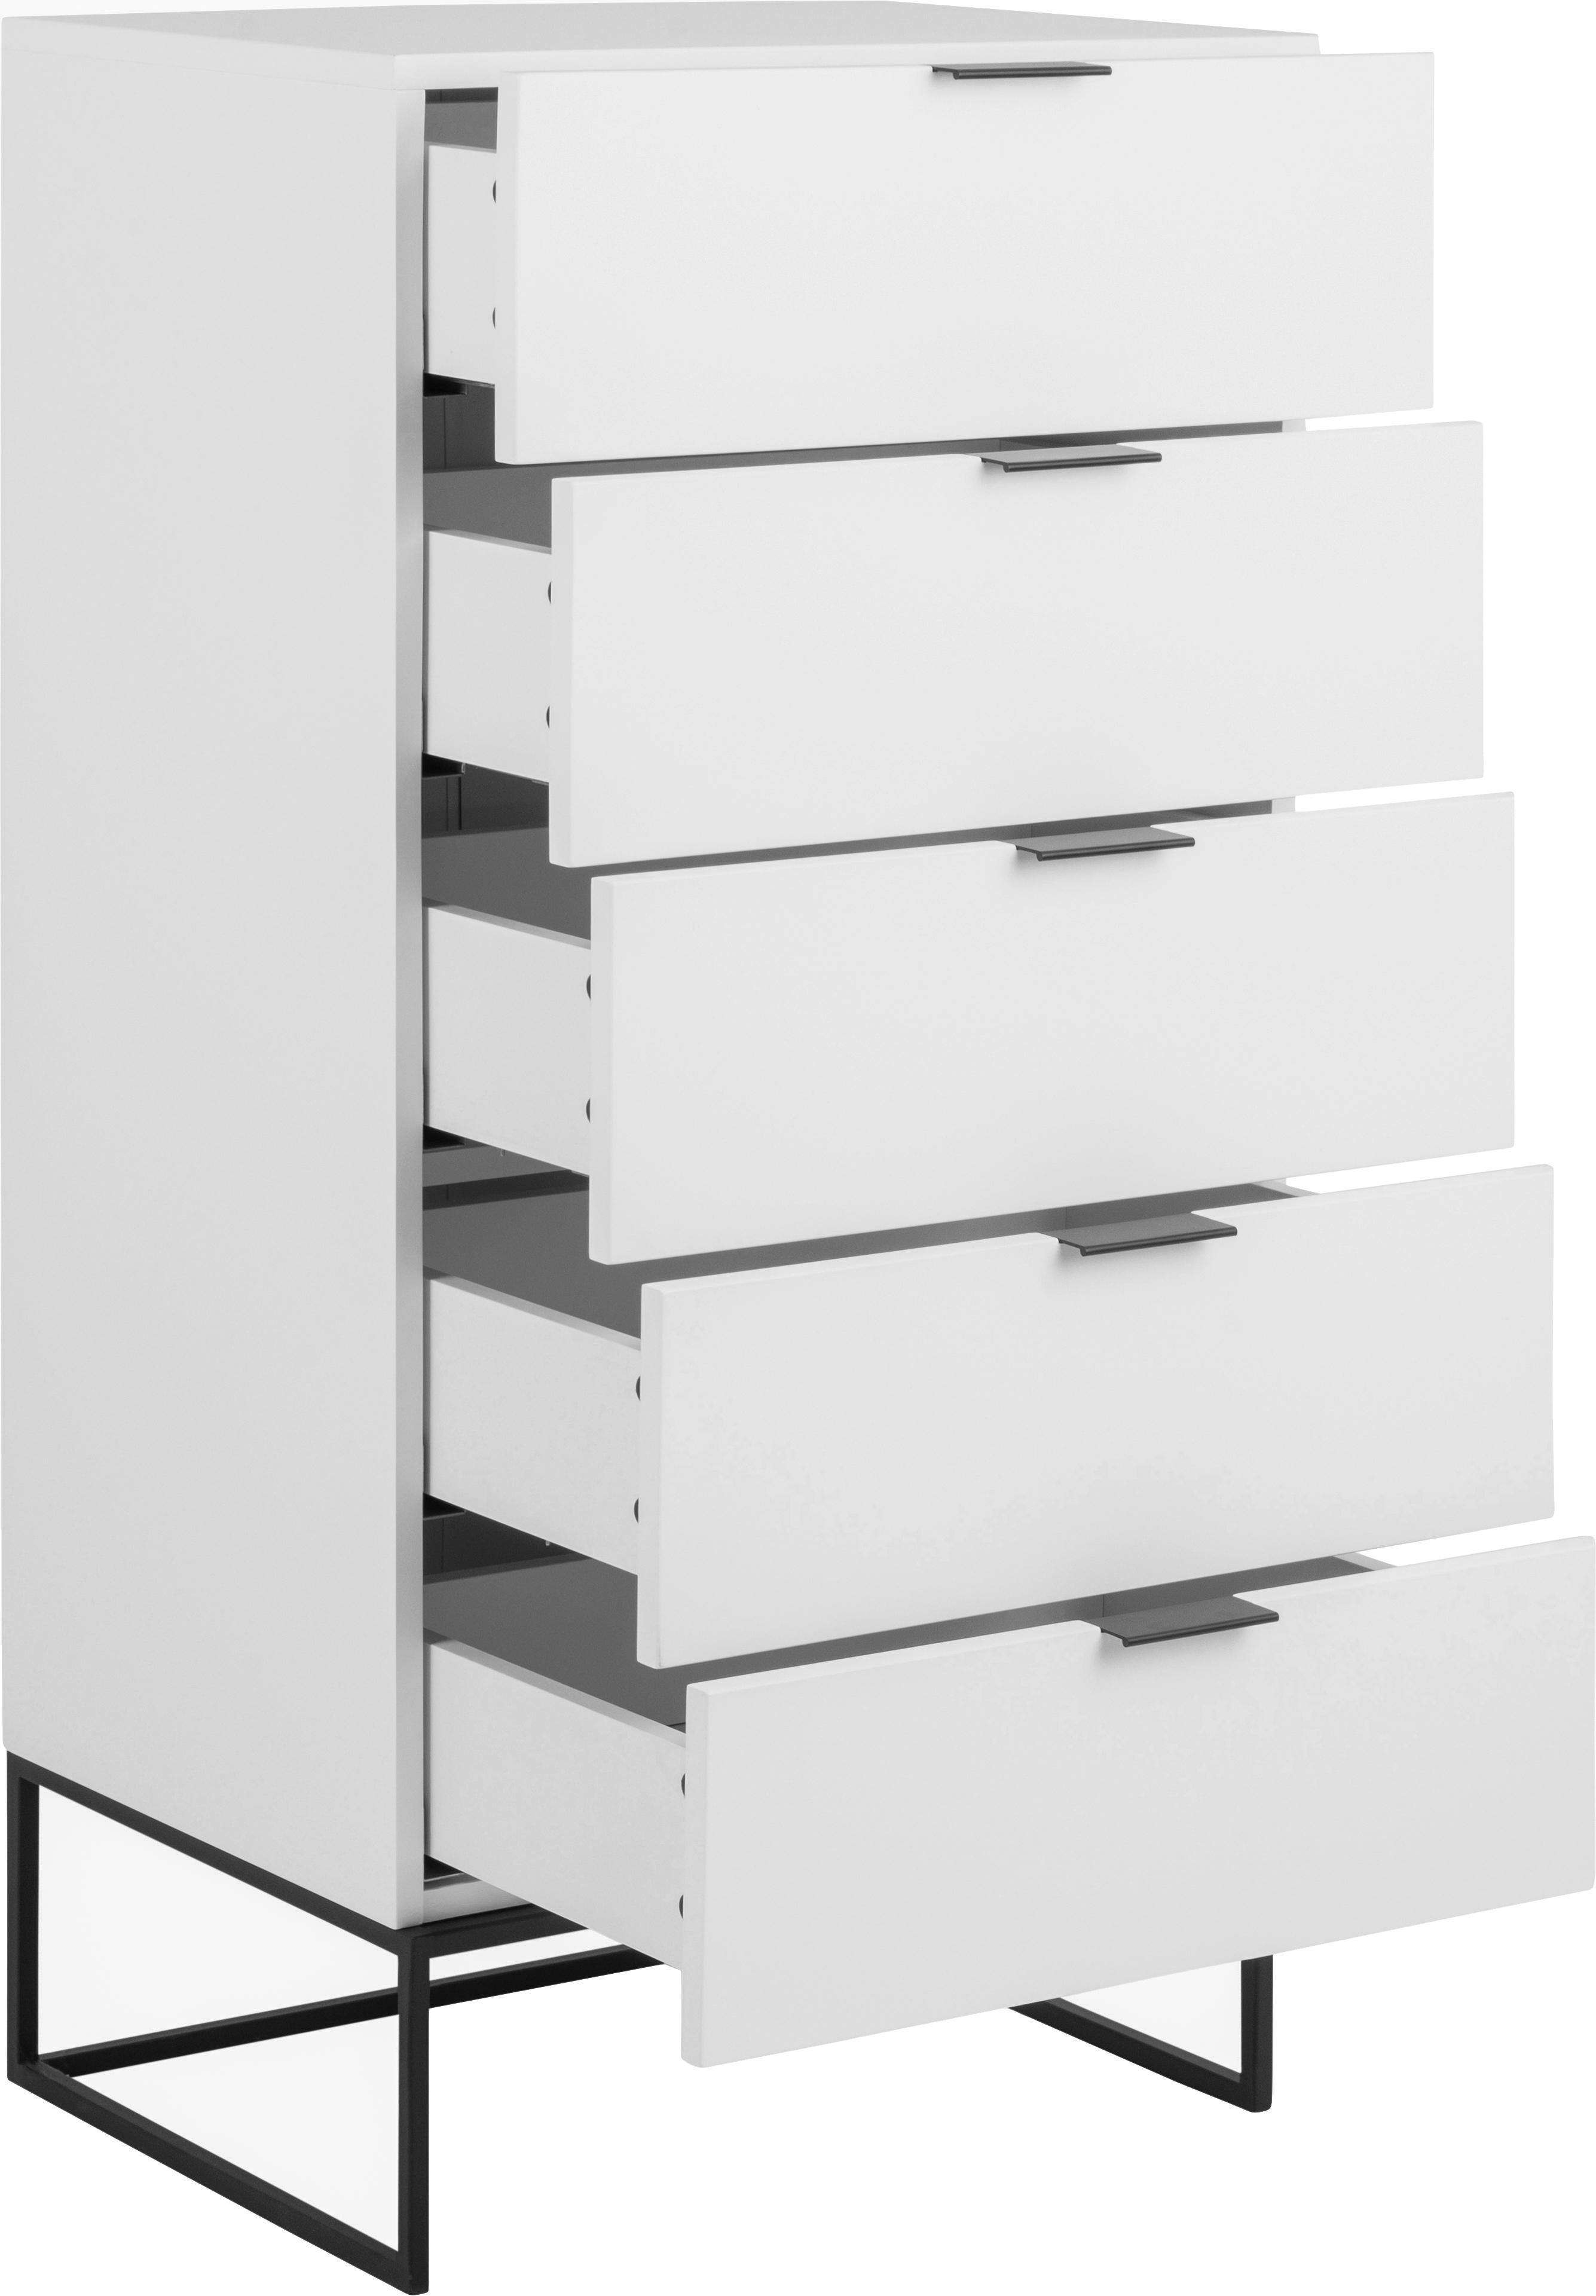 Vysoká skříňka se zásuvkami Kobe, Konstrukce: matná bílá Rám a úchyty: matná černá